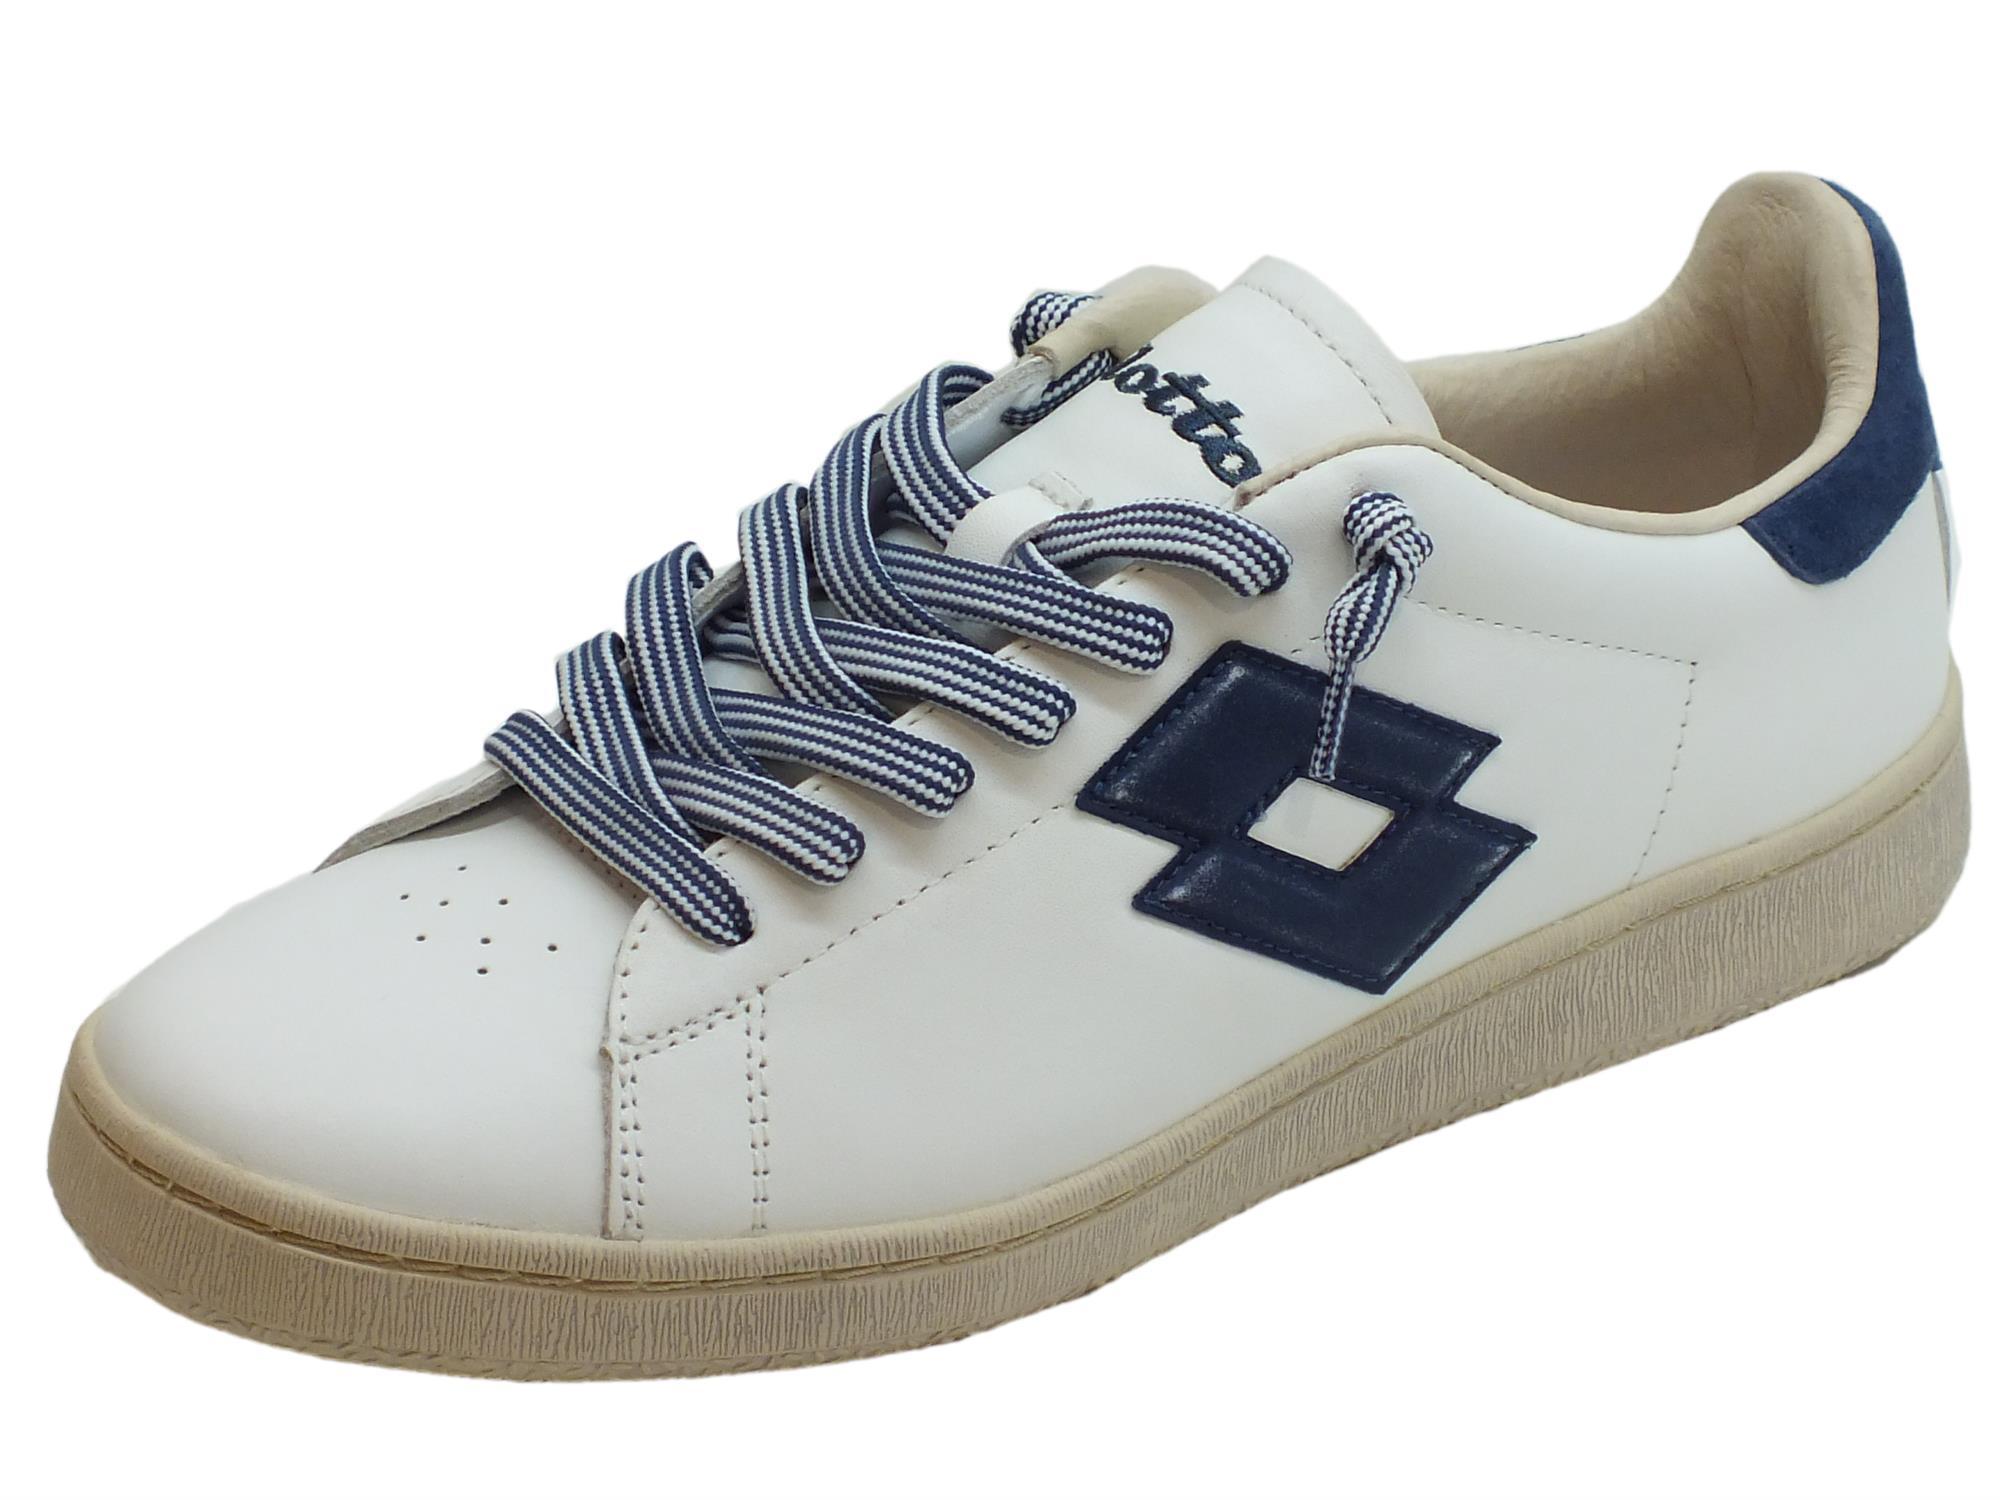 Scarpe Lotto Leggenda modello tennis per uomo in pelle bianca e blu 2eb8335f314